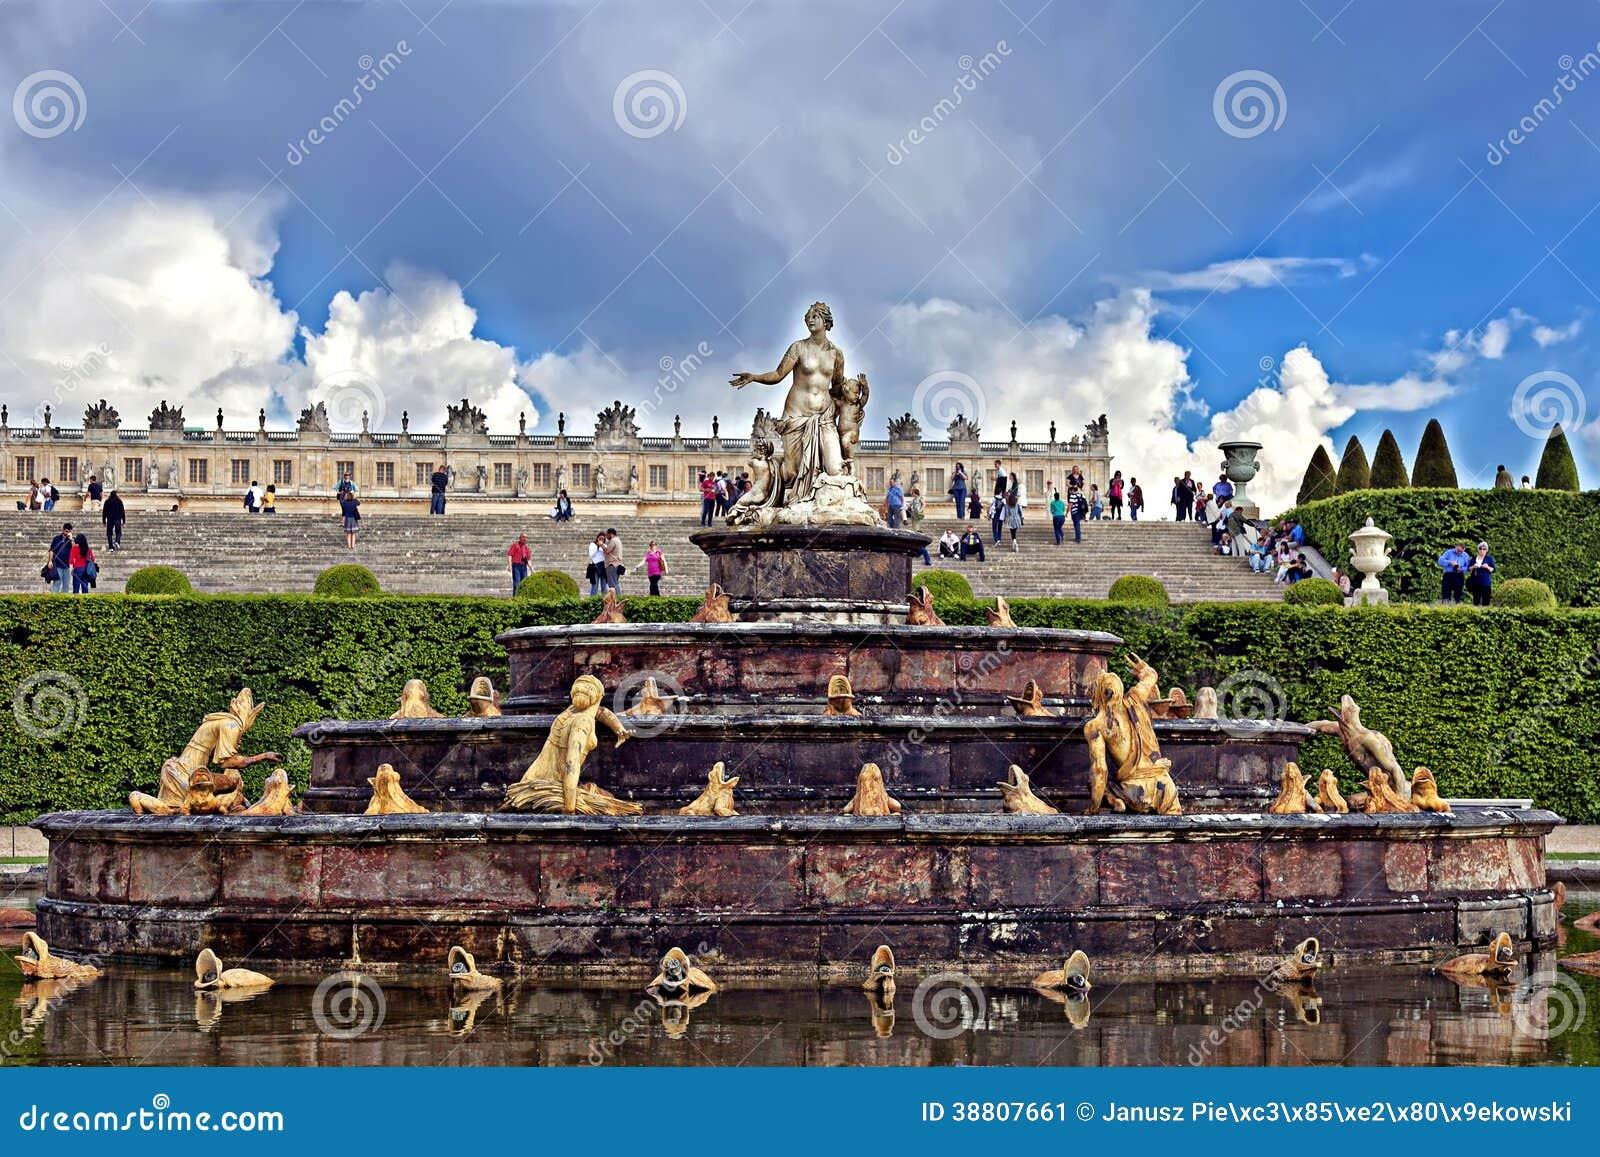 Der Brunnen Von Latona In Paris Redaktionelles Foto - Bild: 38807661